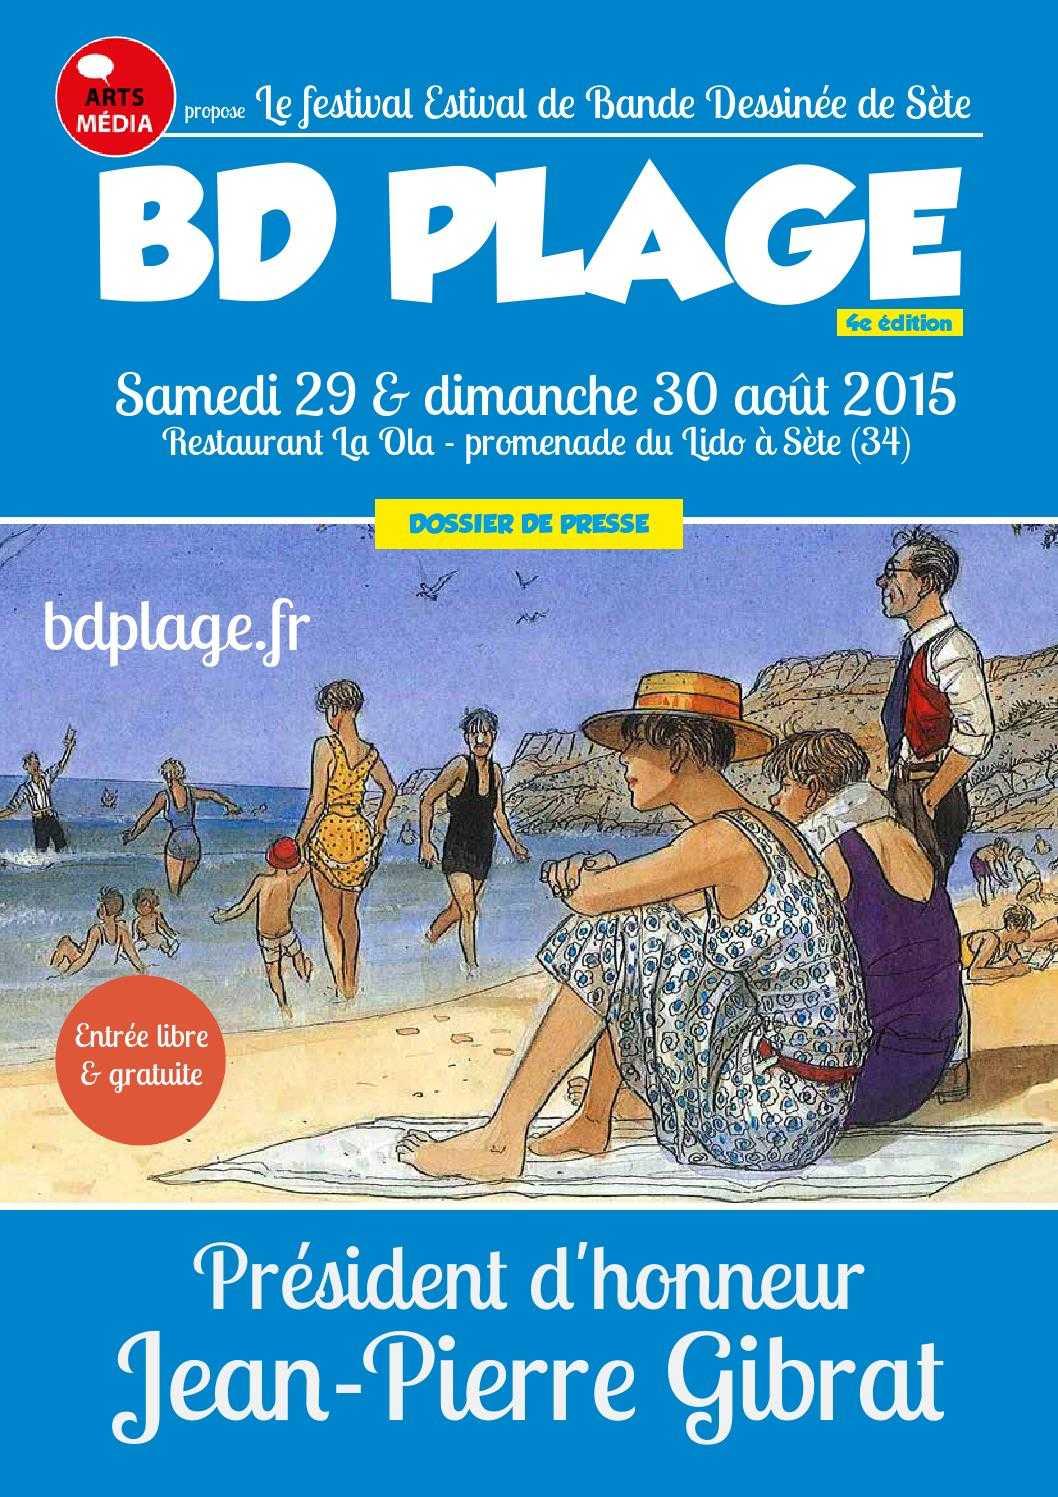 BD Plage à Sète, c'est ce week-end à La Ola avec Gibrat